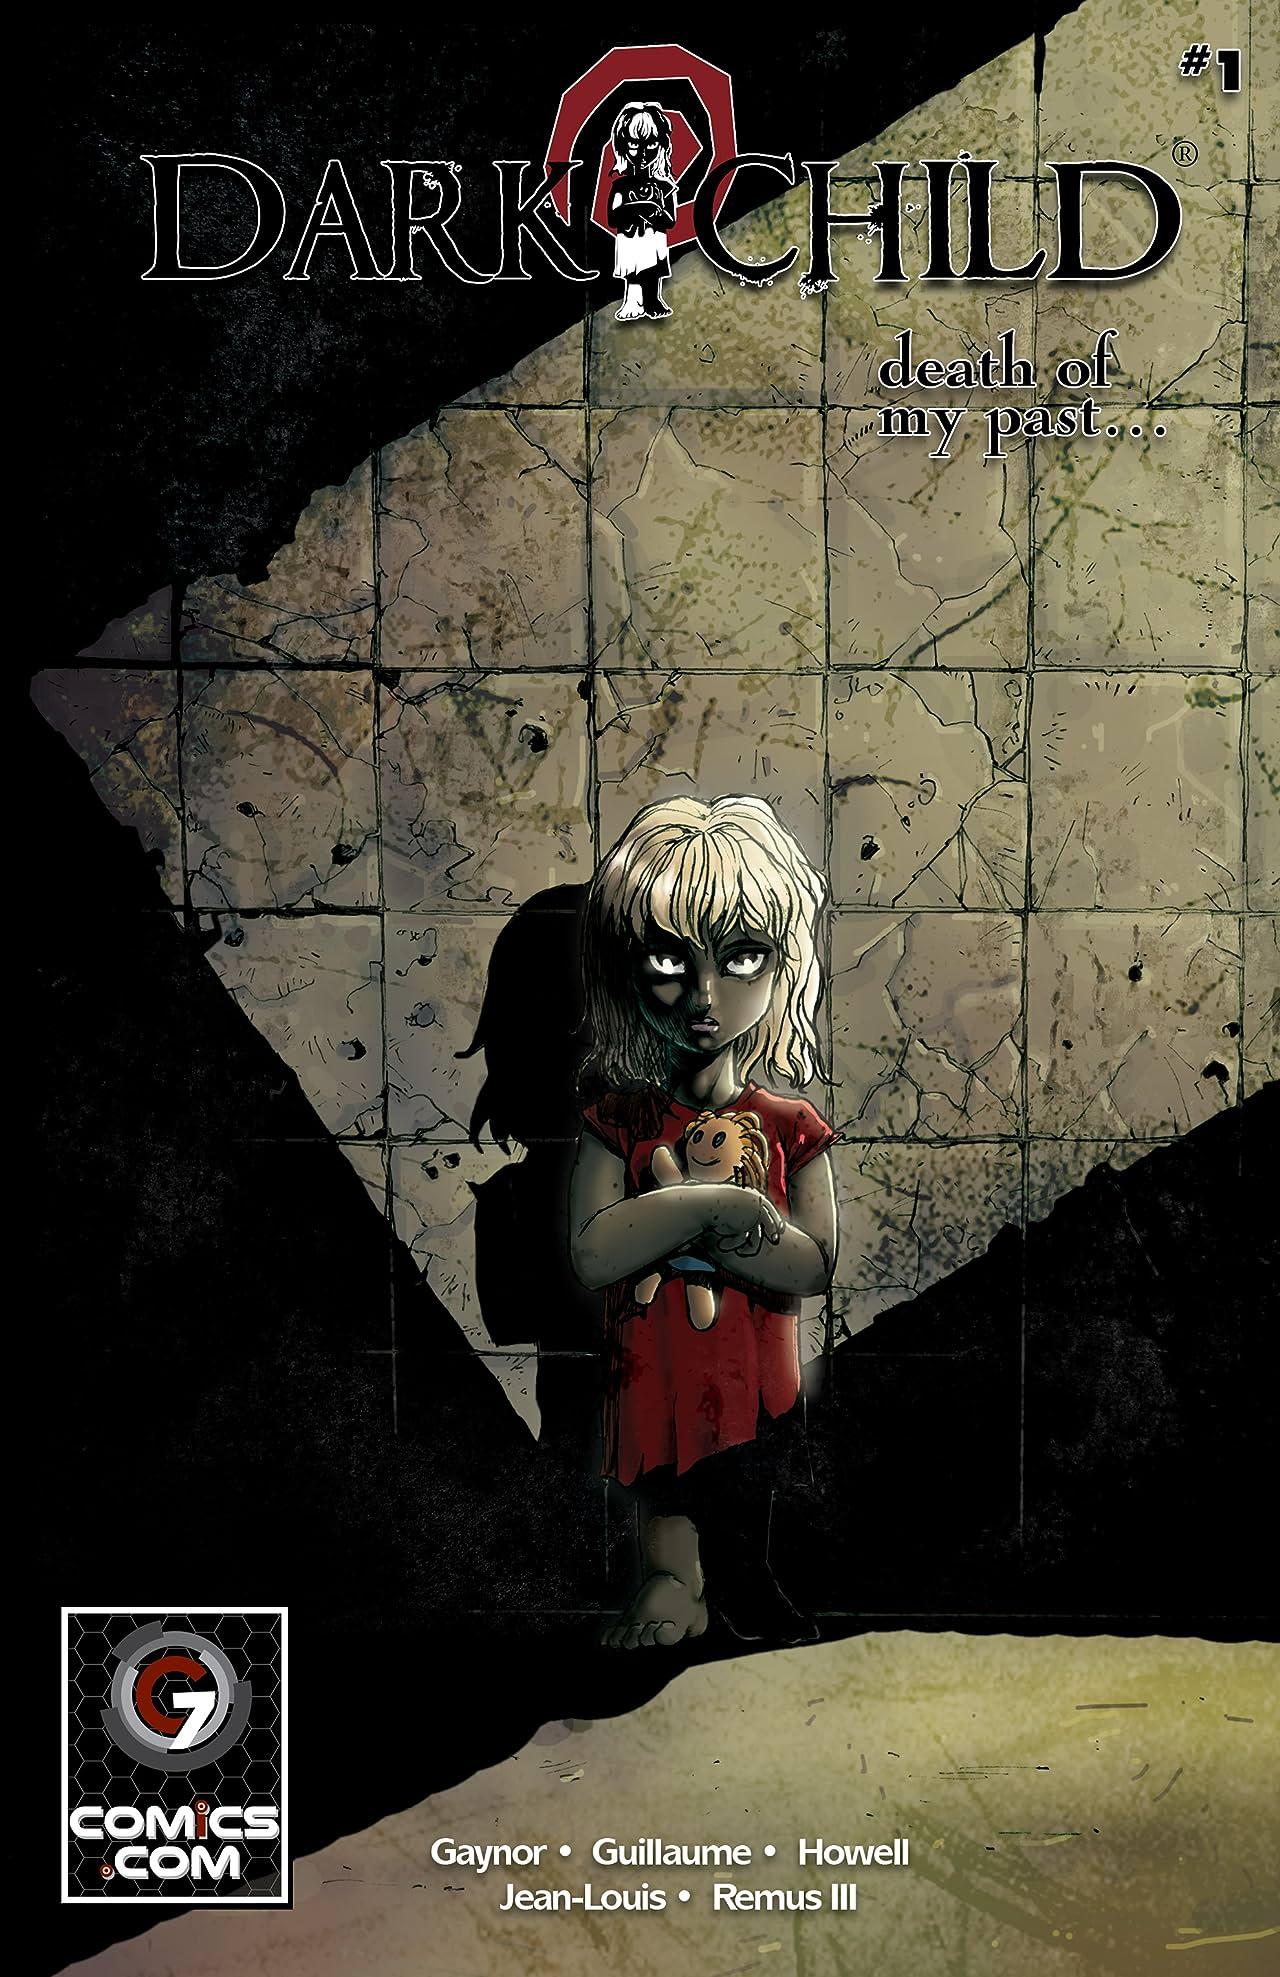 Dark Child #1